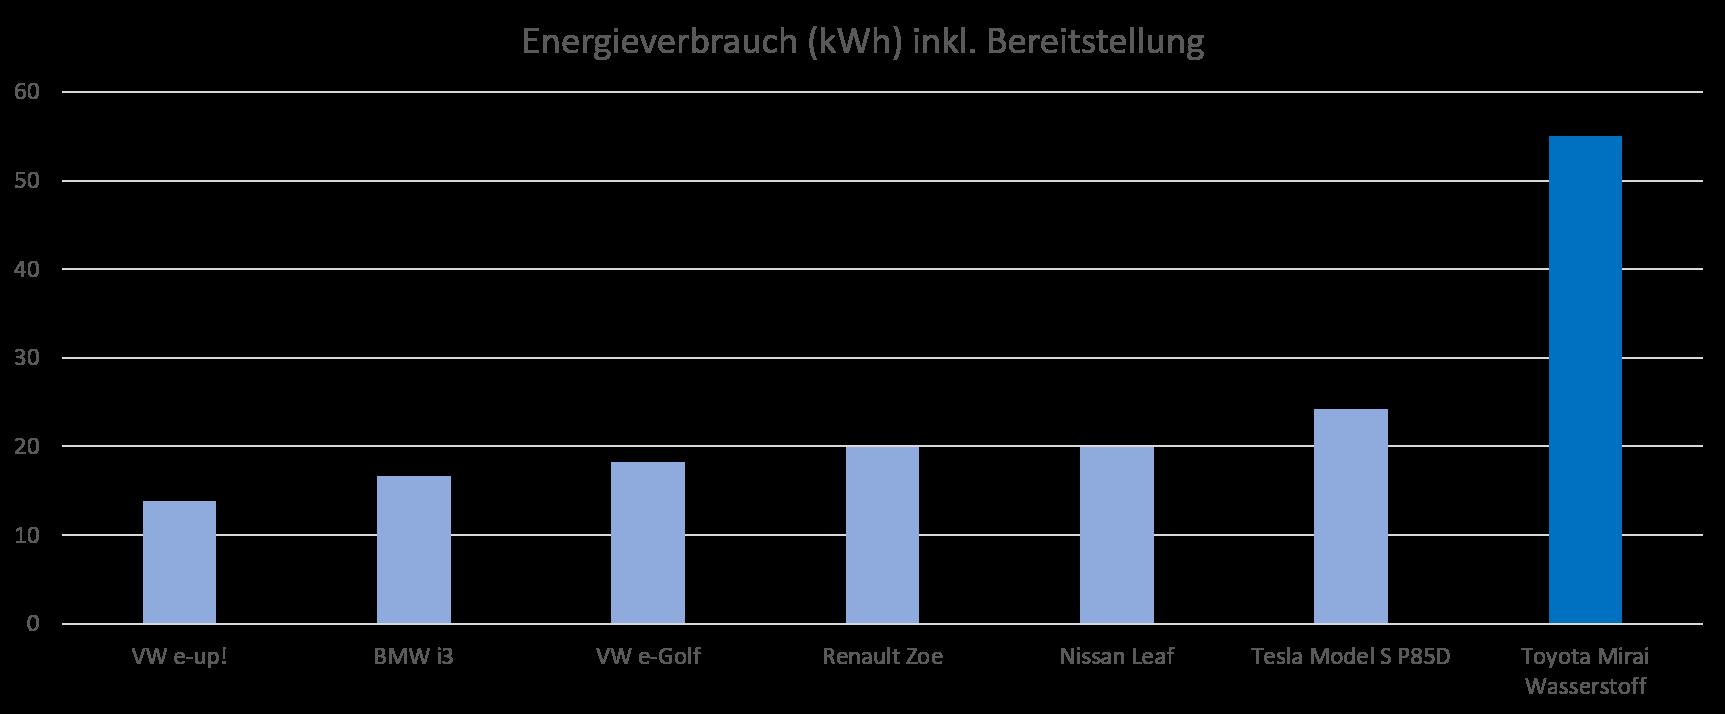 Energieverbrauch Elektroautos